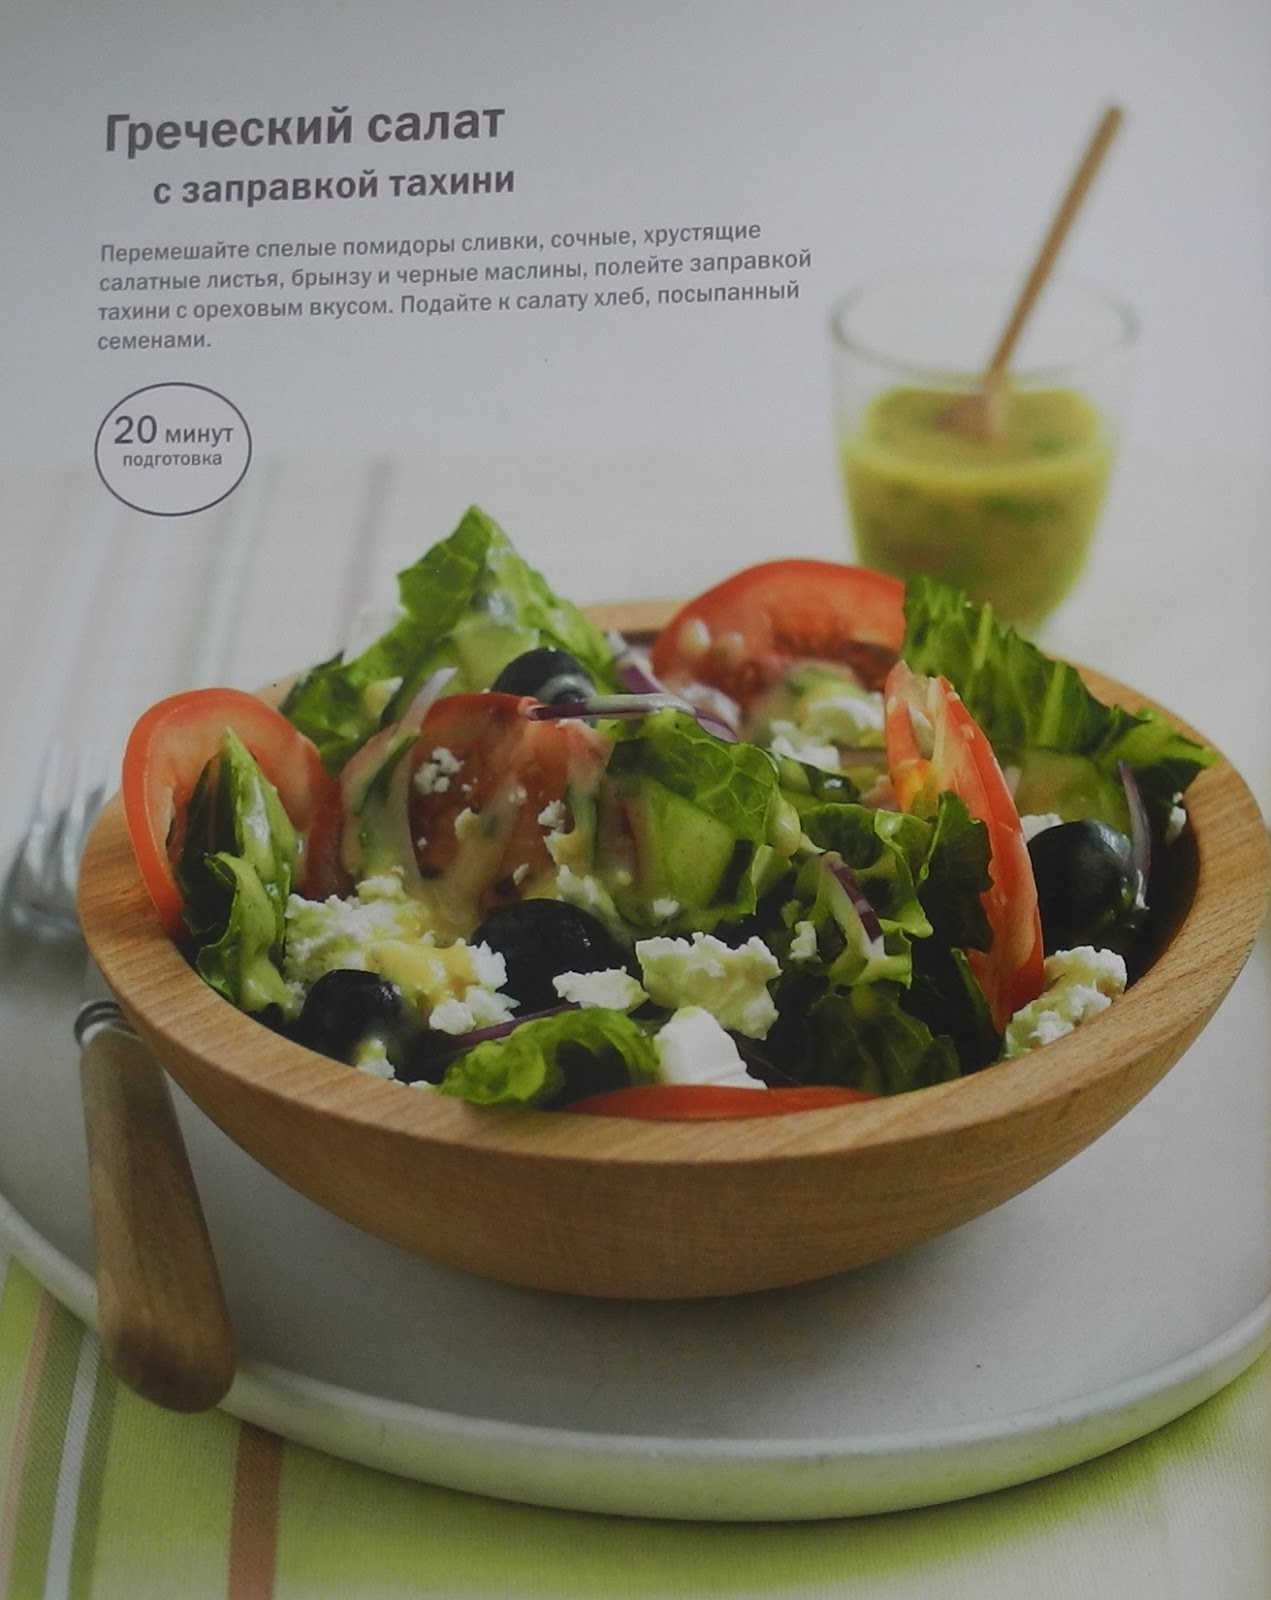 Салат греческий с заправкой рецепт с